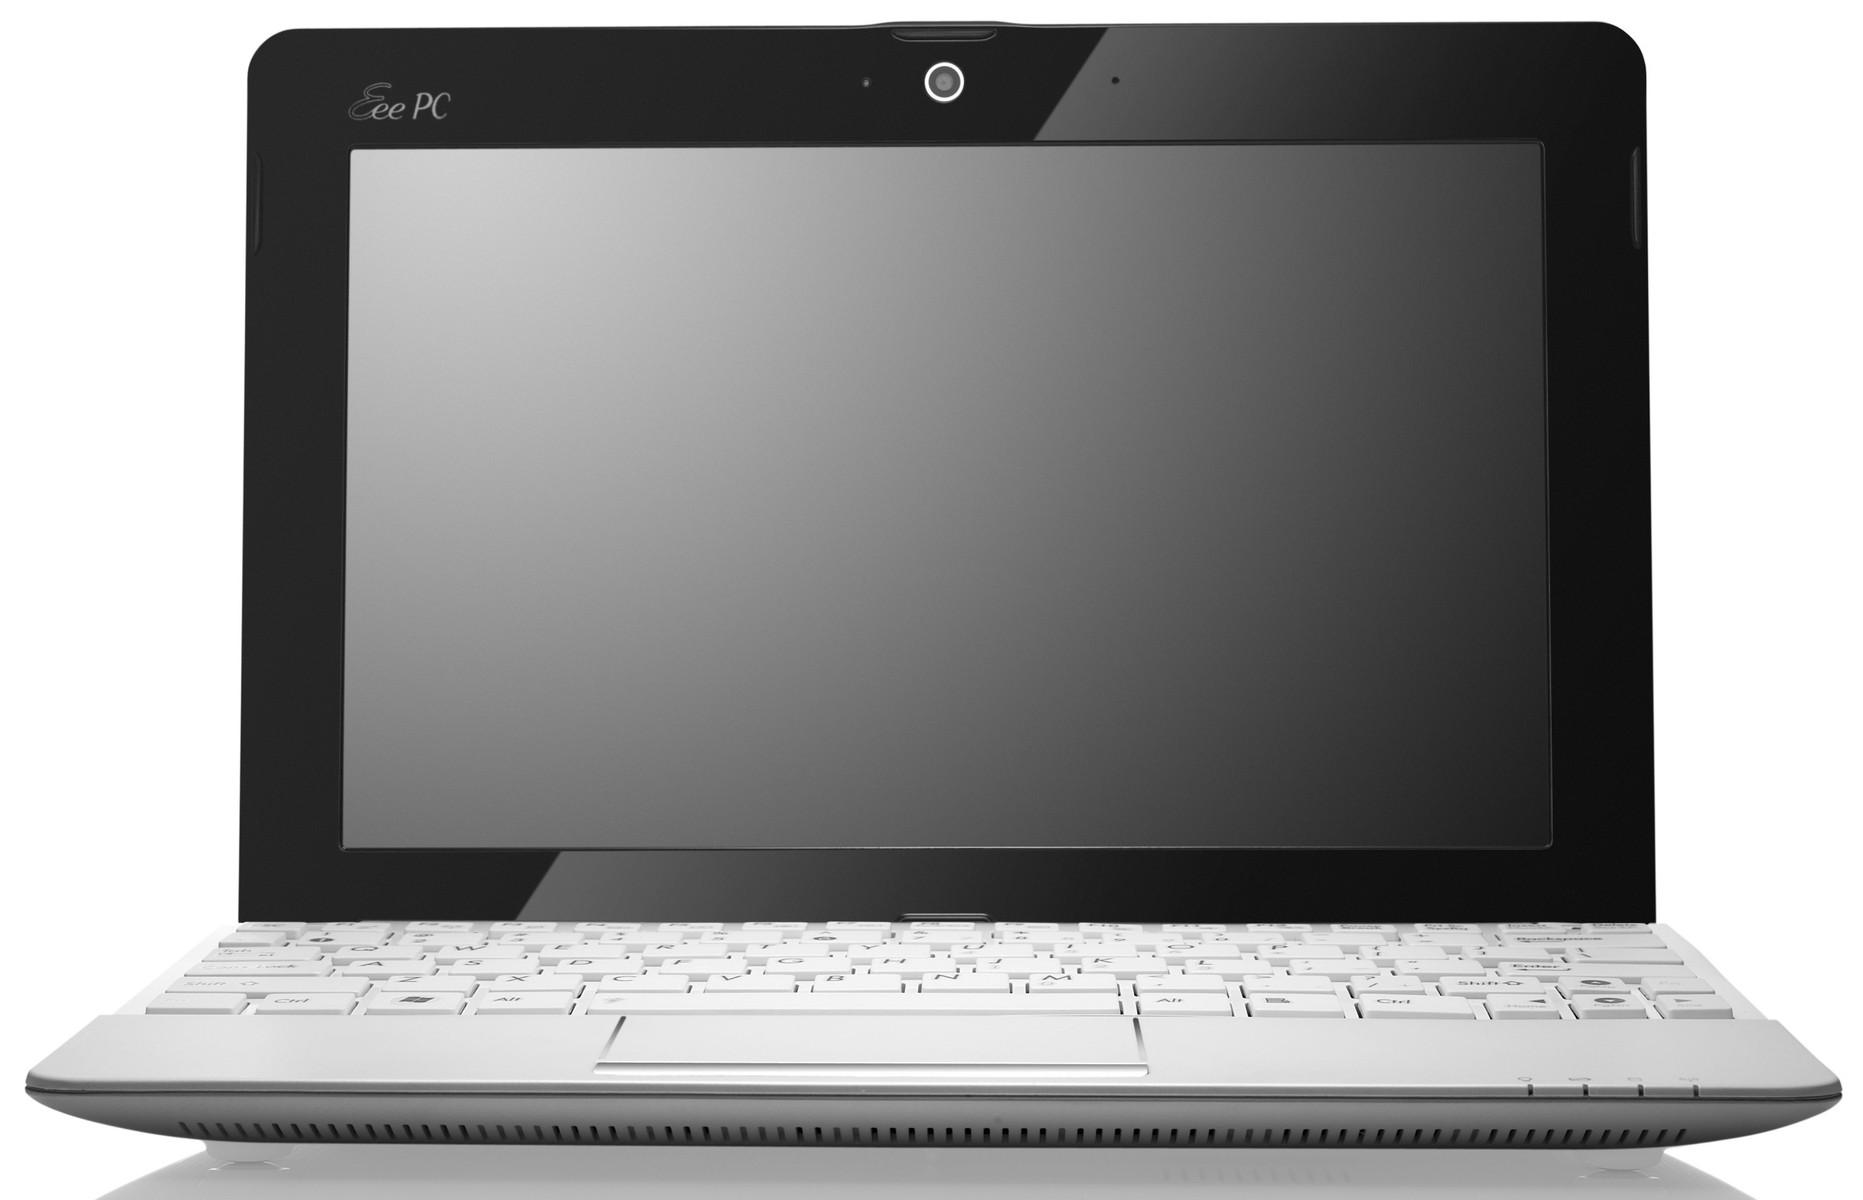 Dépannage sur votre <br/>PC unité centrale, PC portable